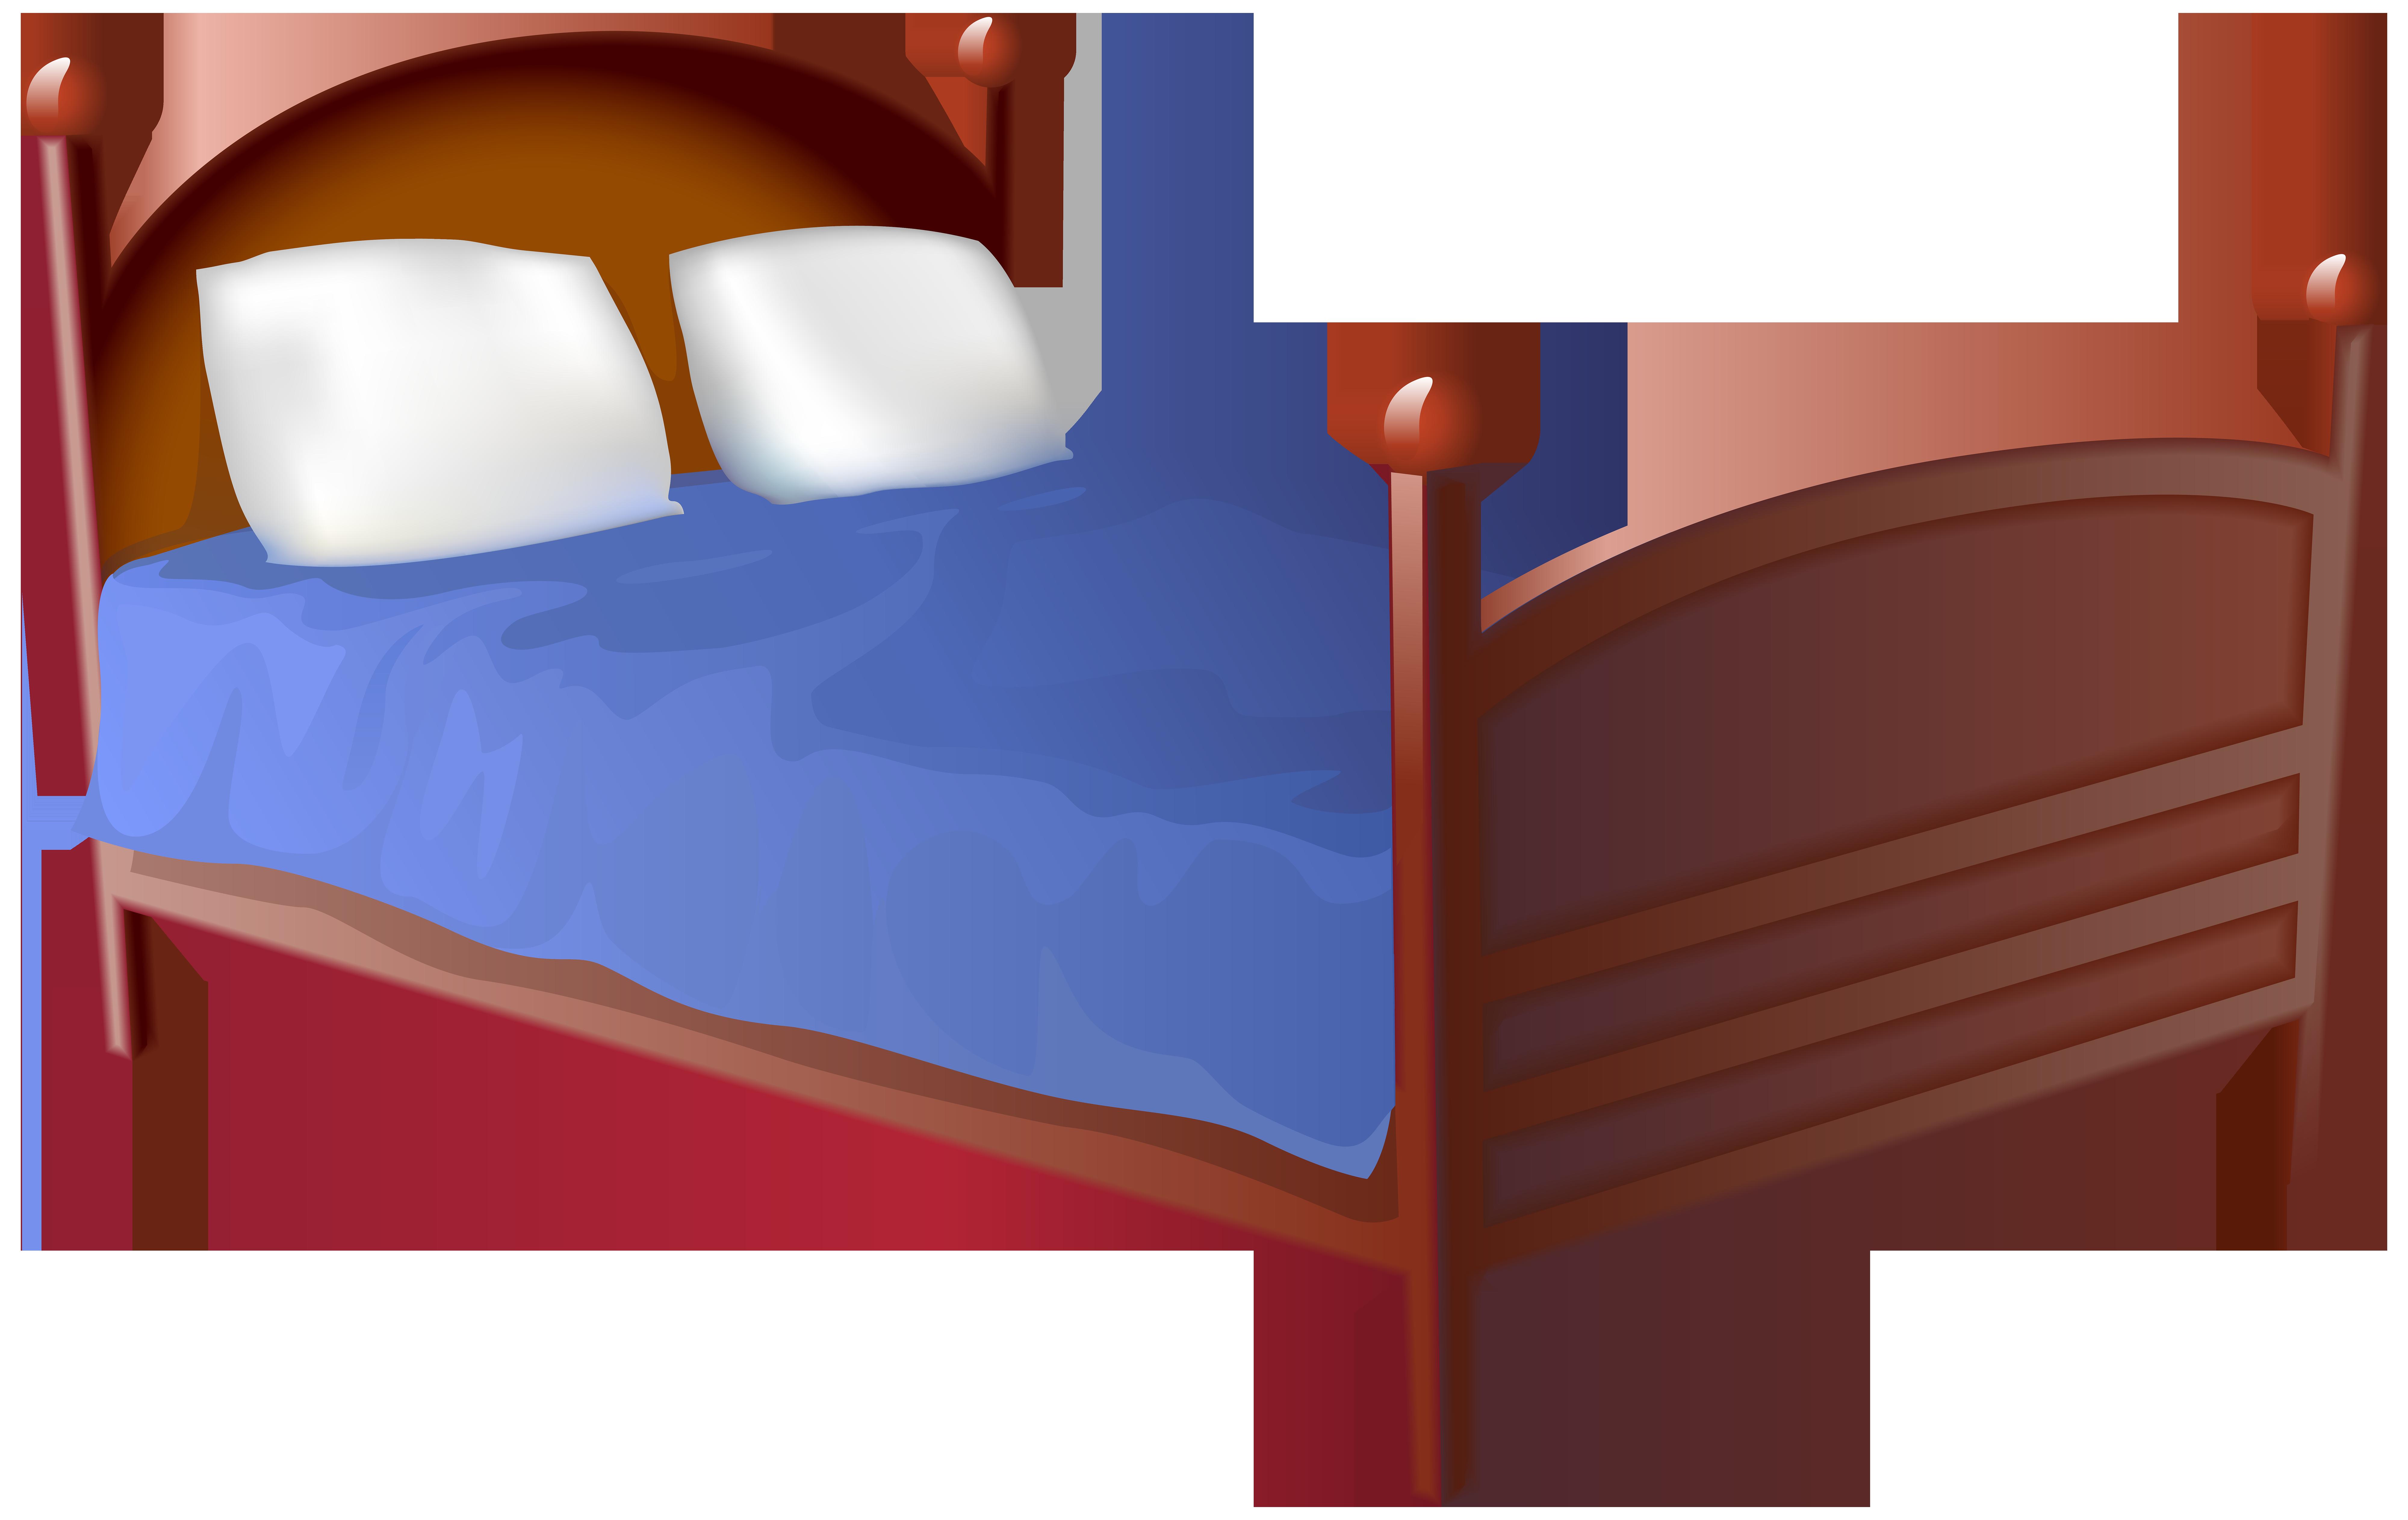 Bed clipart. Transparent png clip art